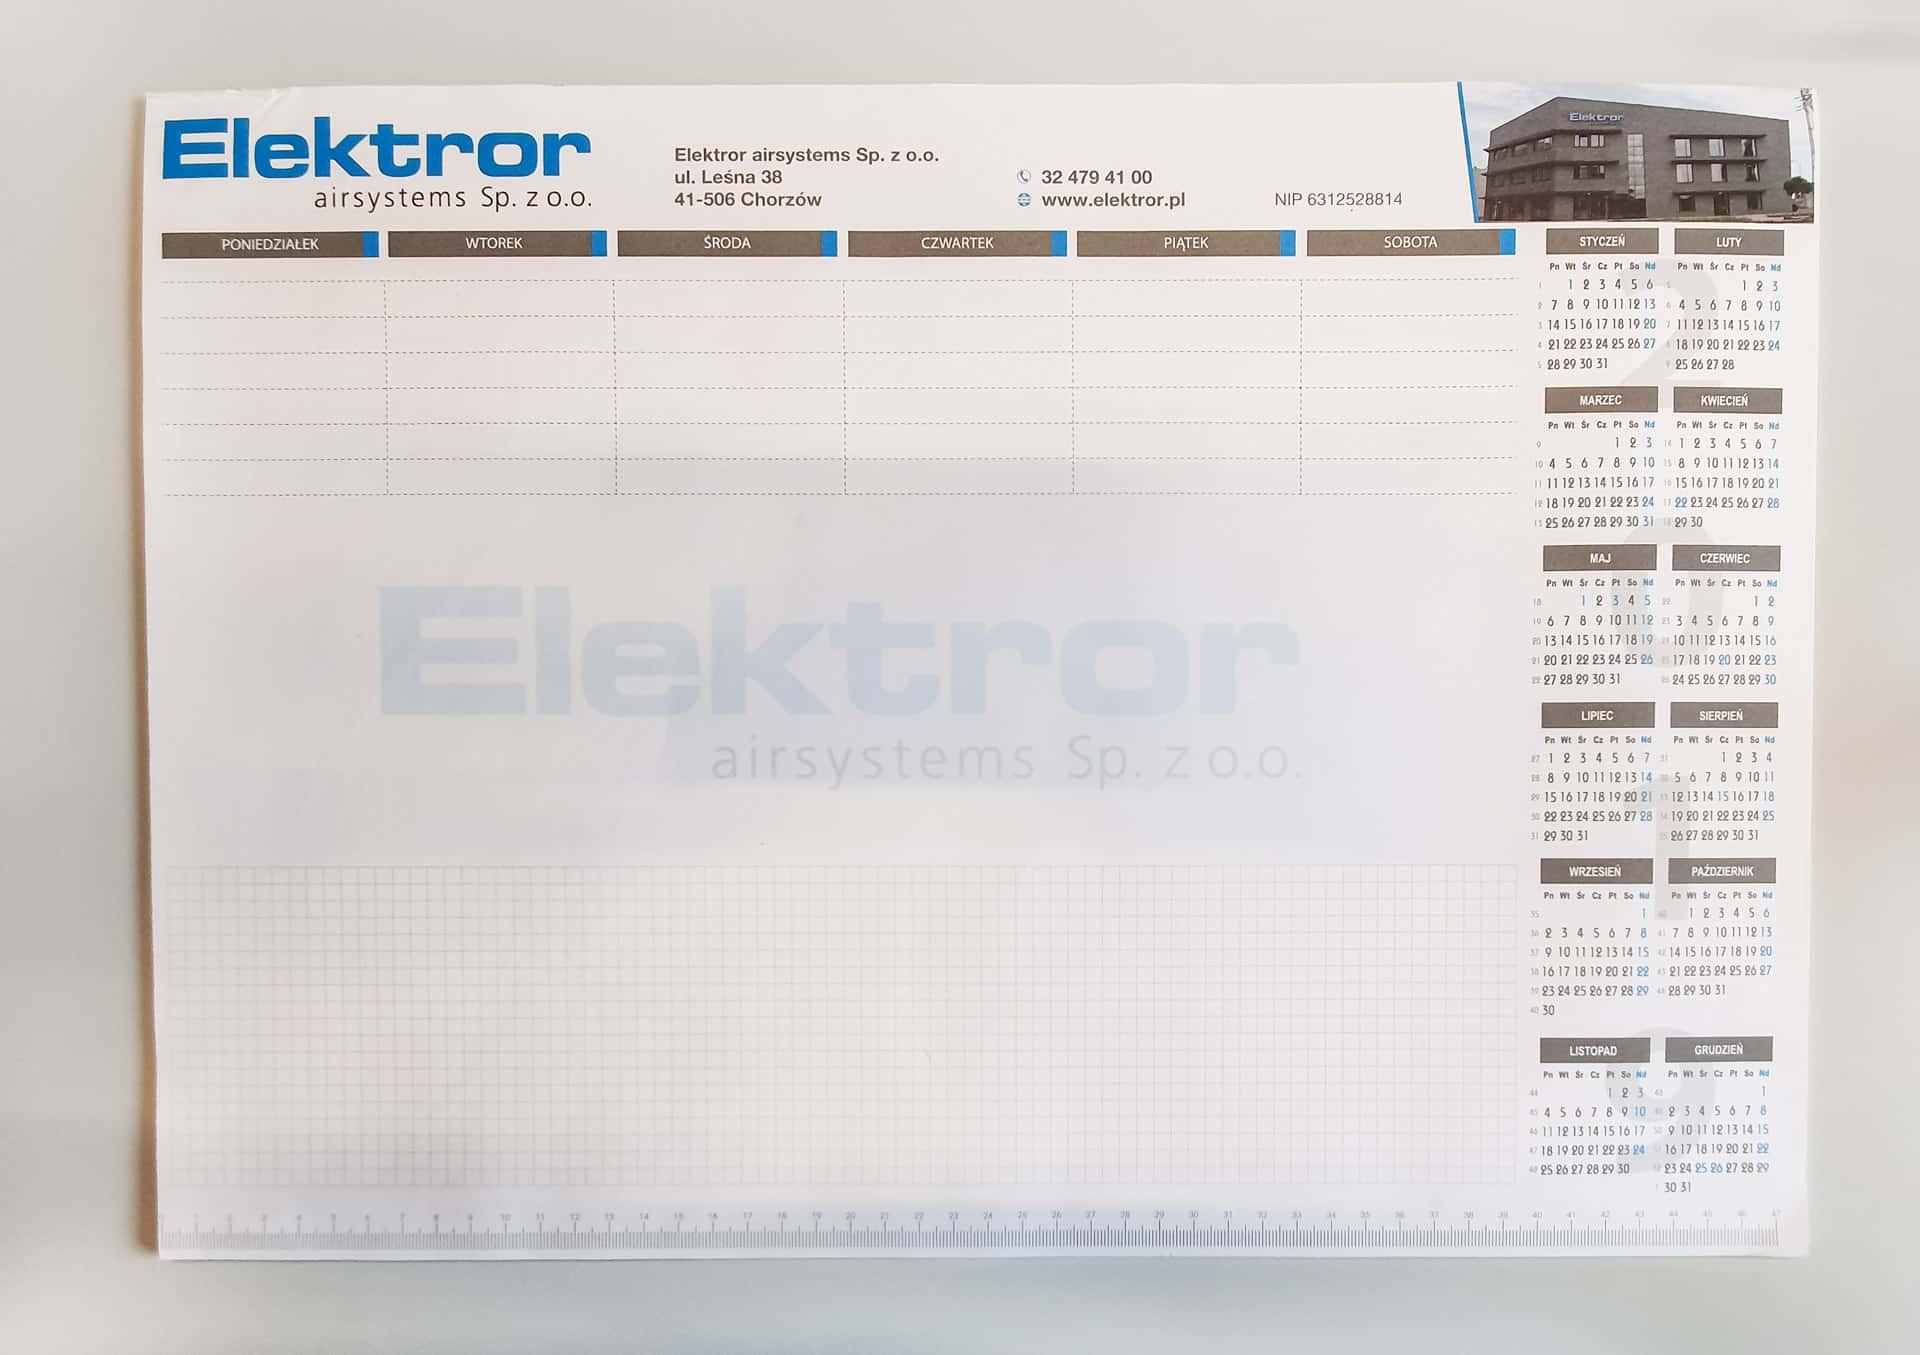 biuwary z logo Elektror